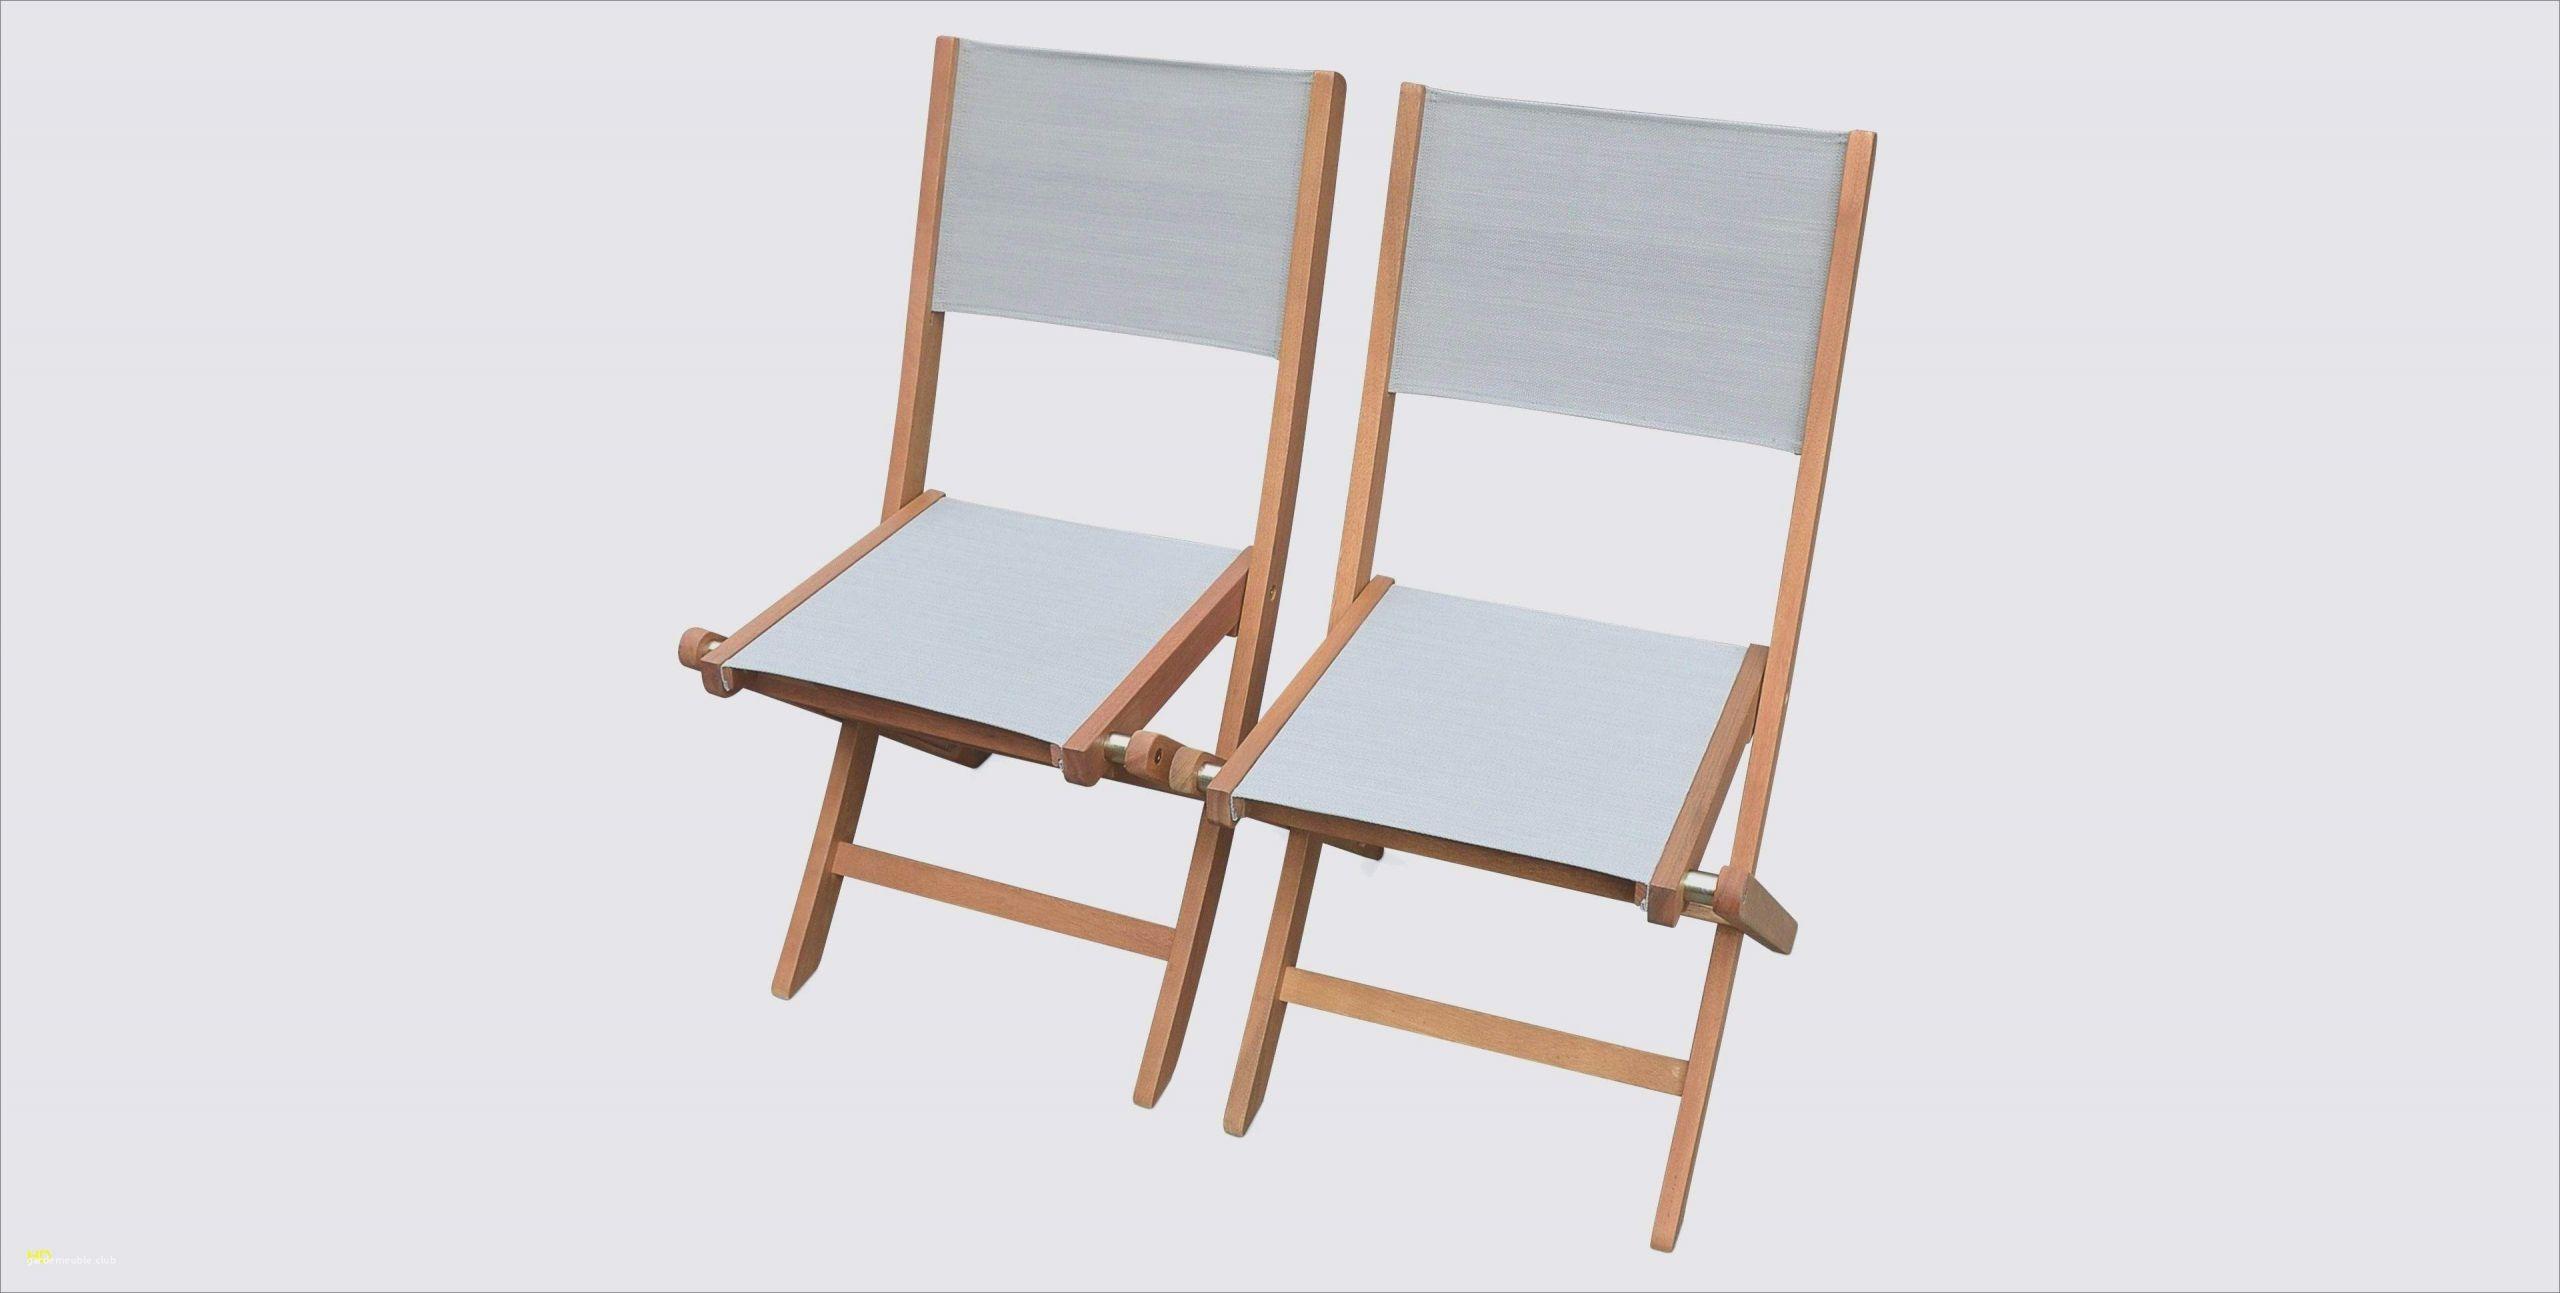 table de jardin pliante et chaises elegant table bois pliante fresh table exterieur pliante frais table et of table de jardin pliante et chaises